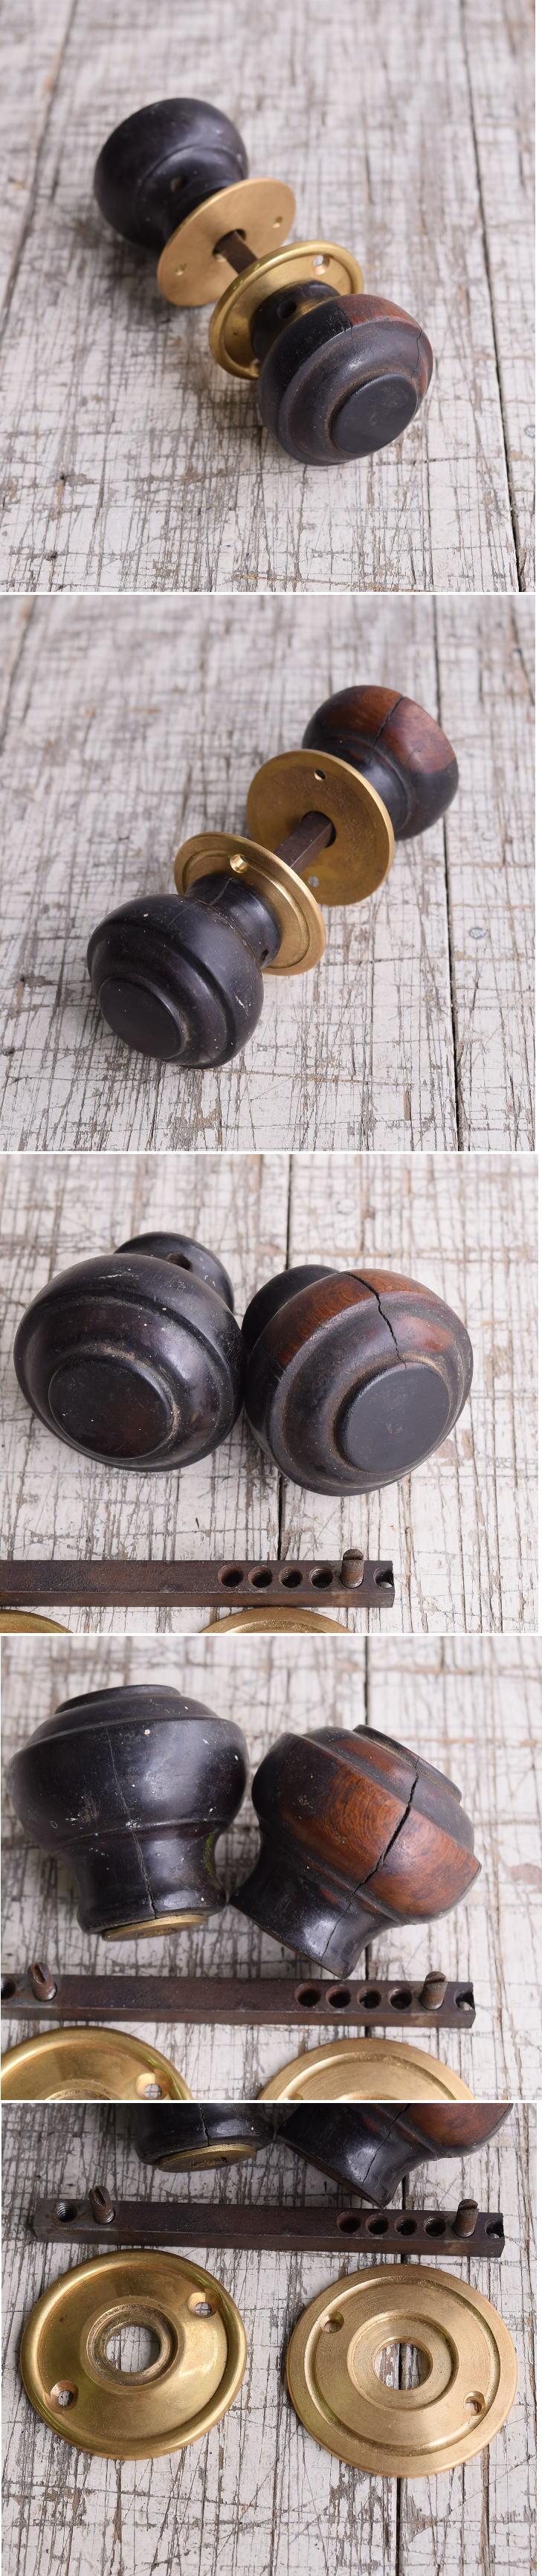 イギリス アンティーク 木製 ドアノブ 建具金物 握り玉 9929